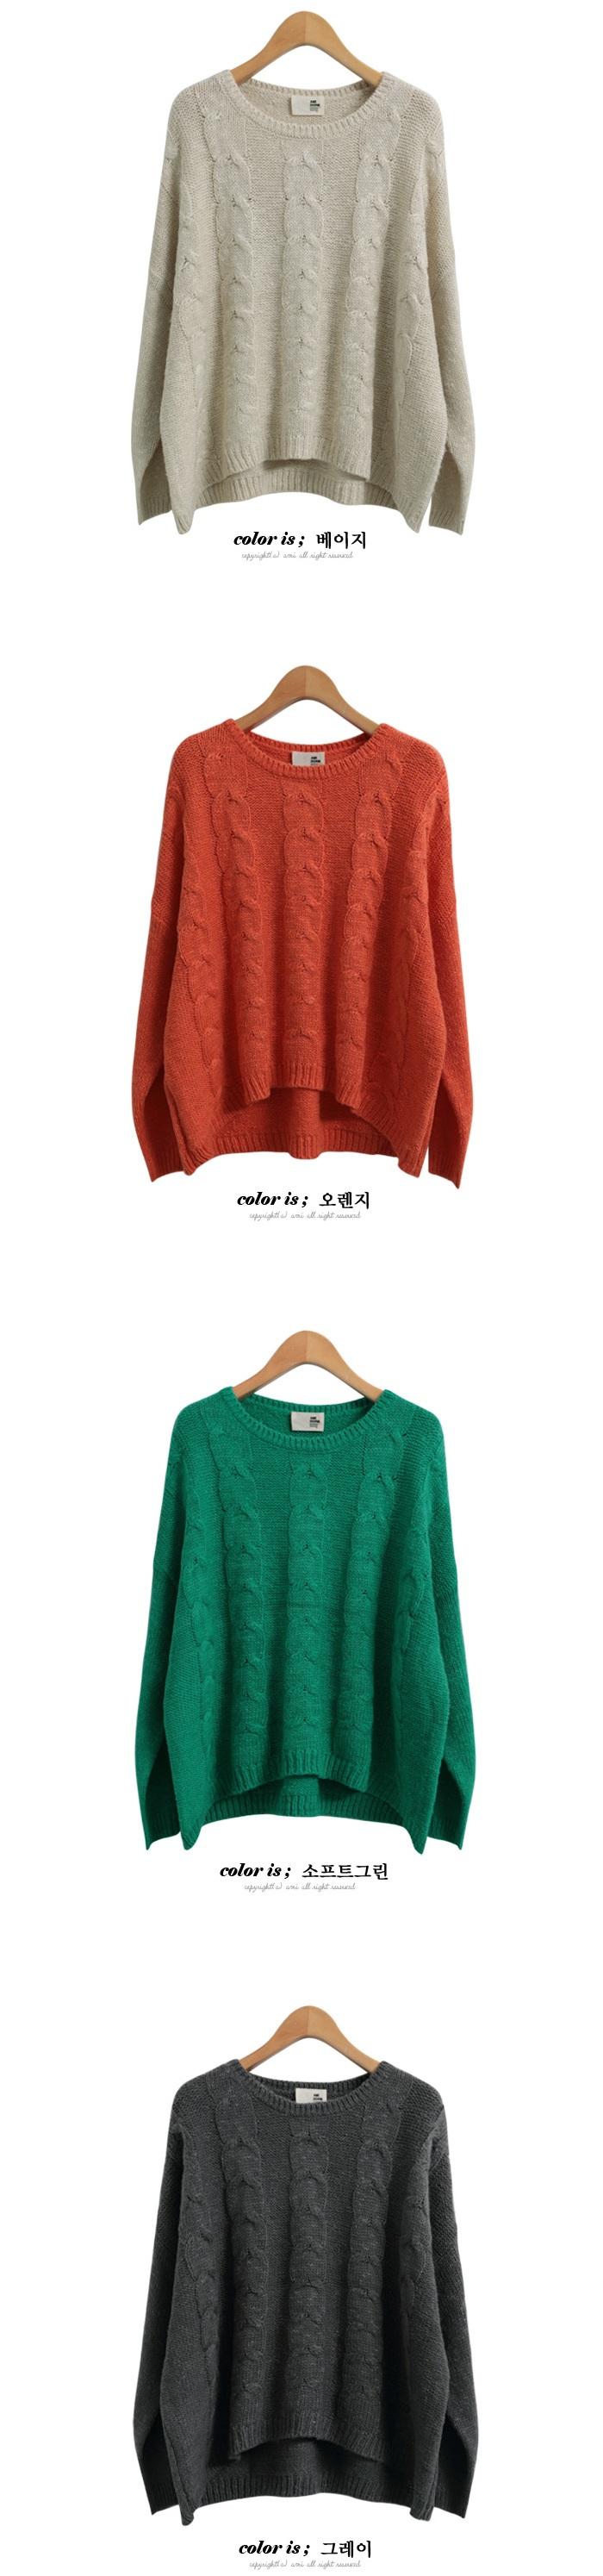 Ami - Macaroon Twist knit sweater - 3